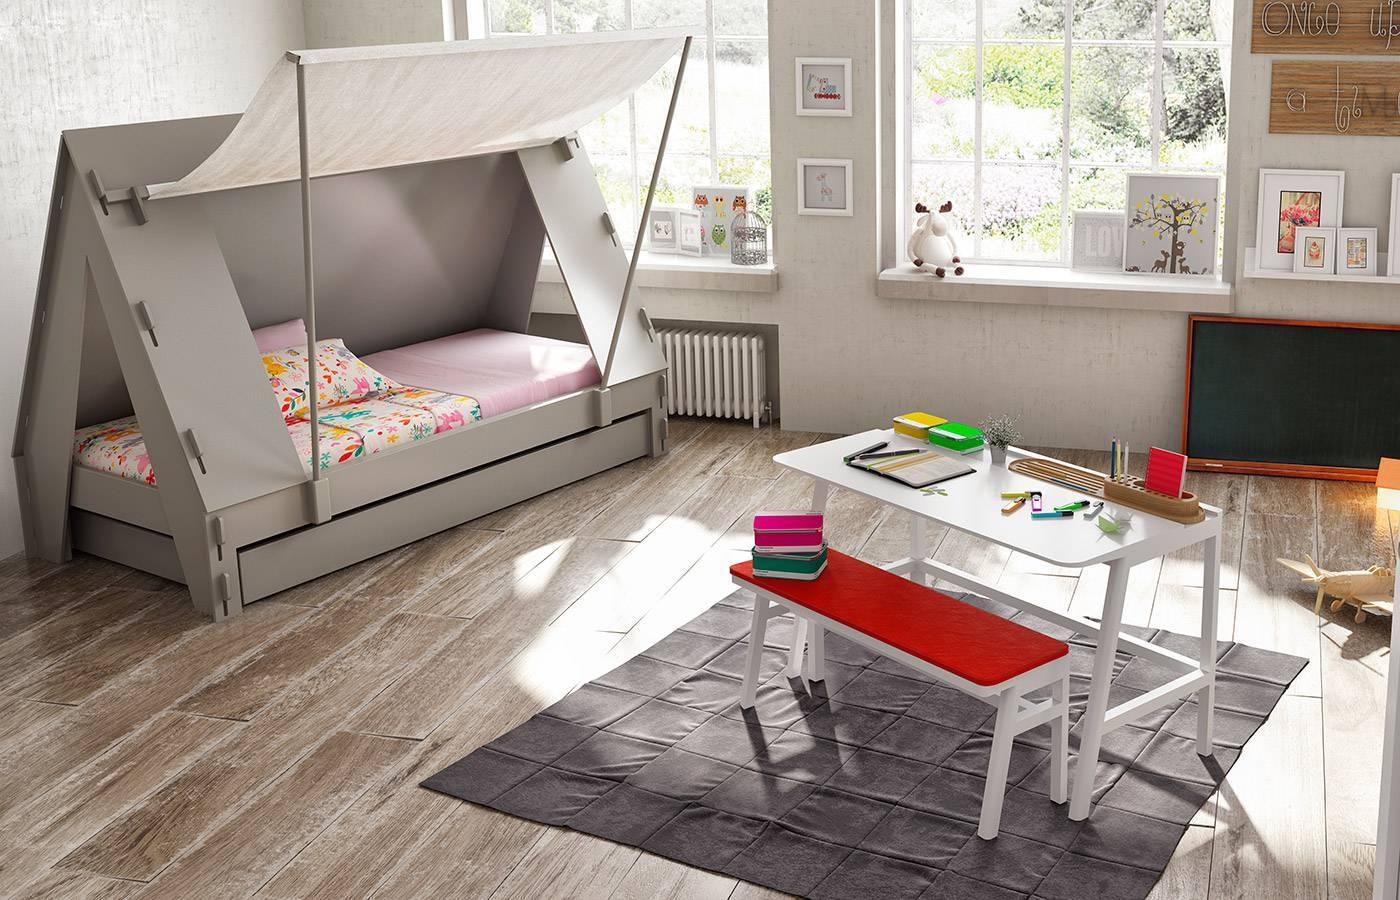 Cama tienda con nido blanca de mathy by bols dismobel for Cama nido blanca online